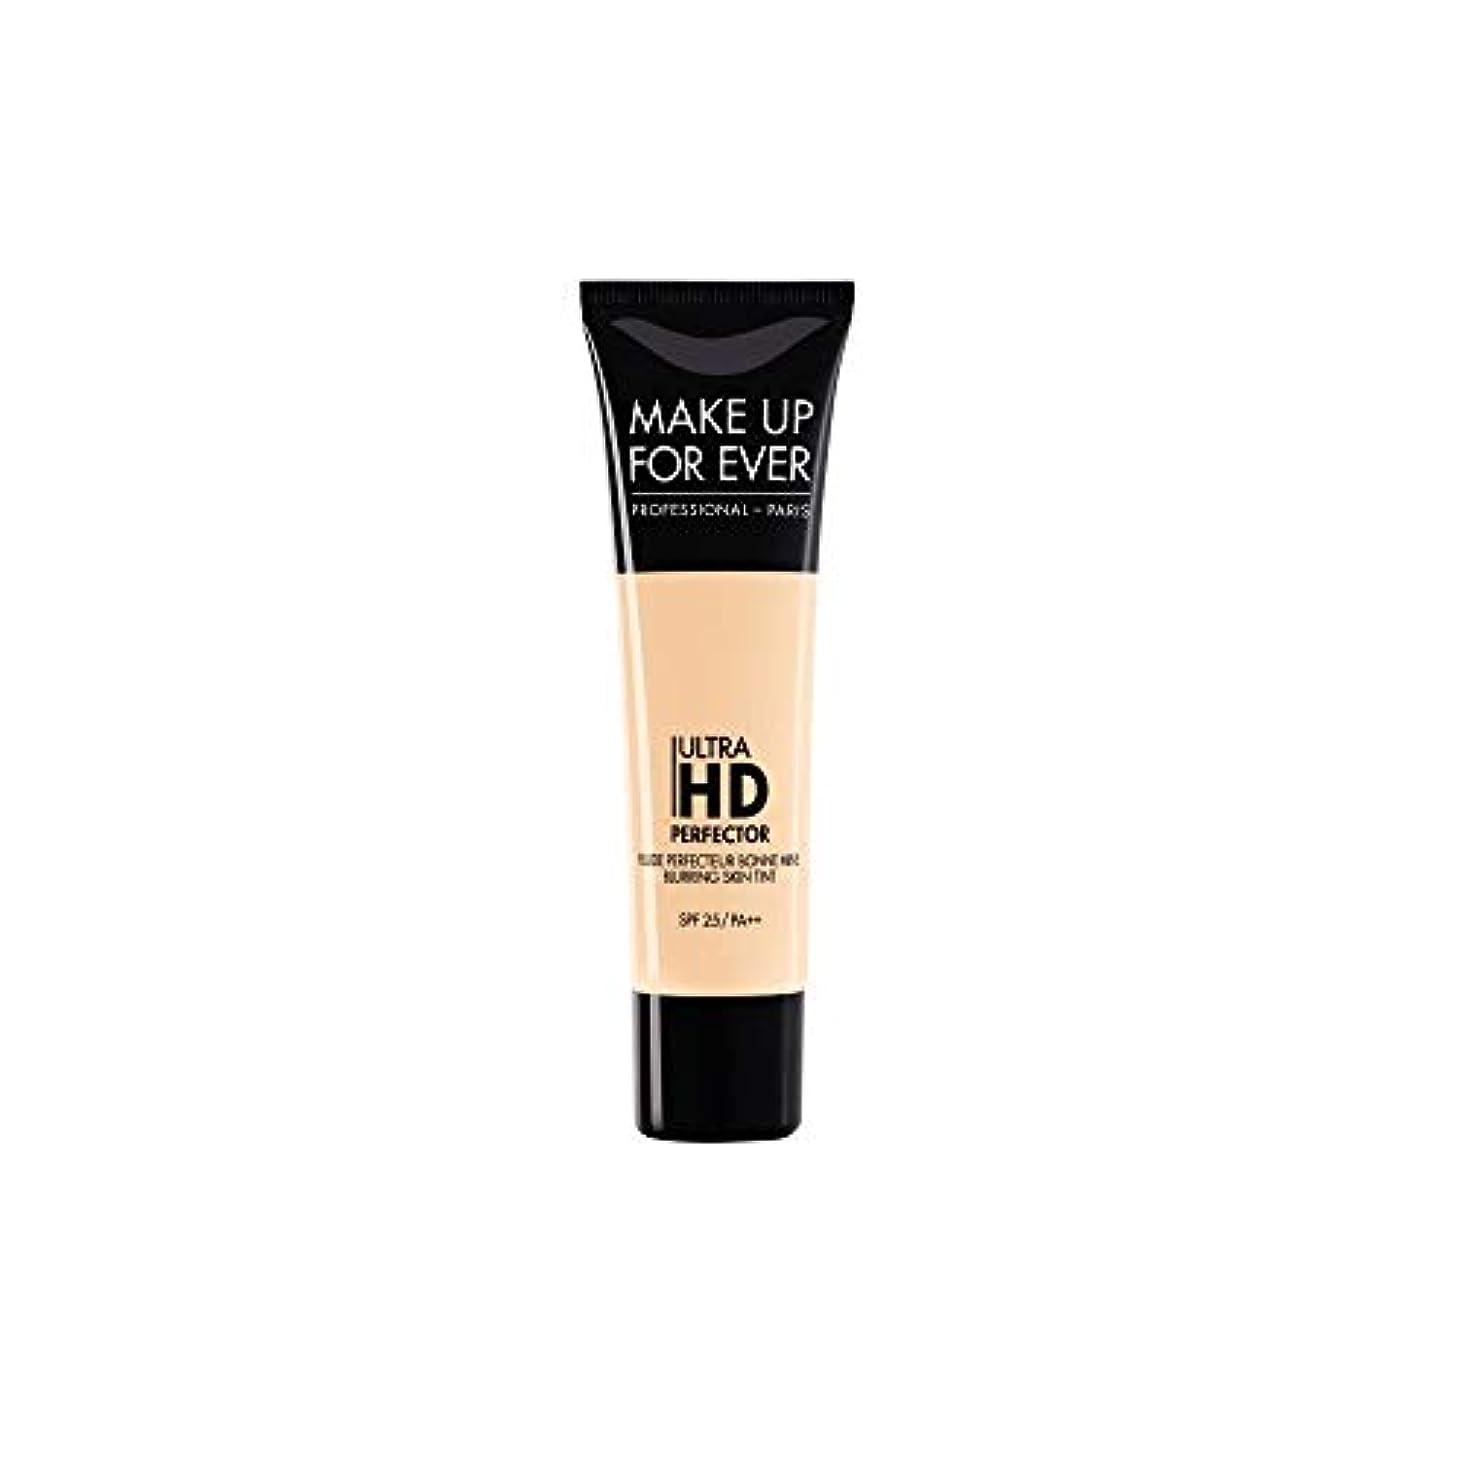 広告民主党植木メイクアップフォーエバー Ultra HD Perfector Blurring Skin Tint SPF25 - # 01 Vanilla 30ml/1.01oz並行輸入品